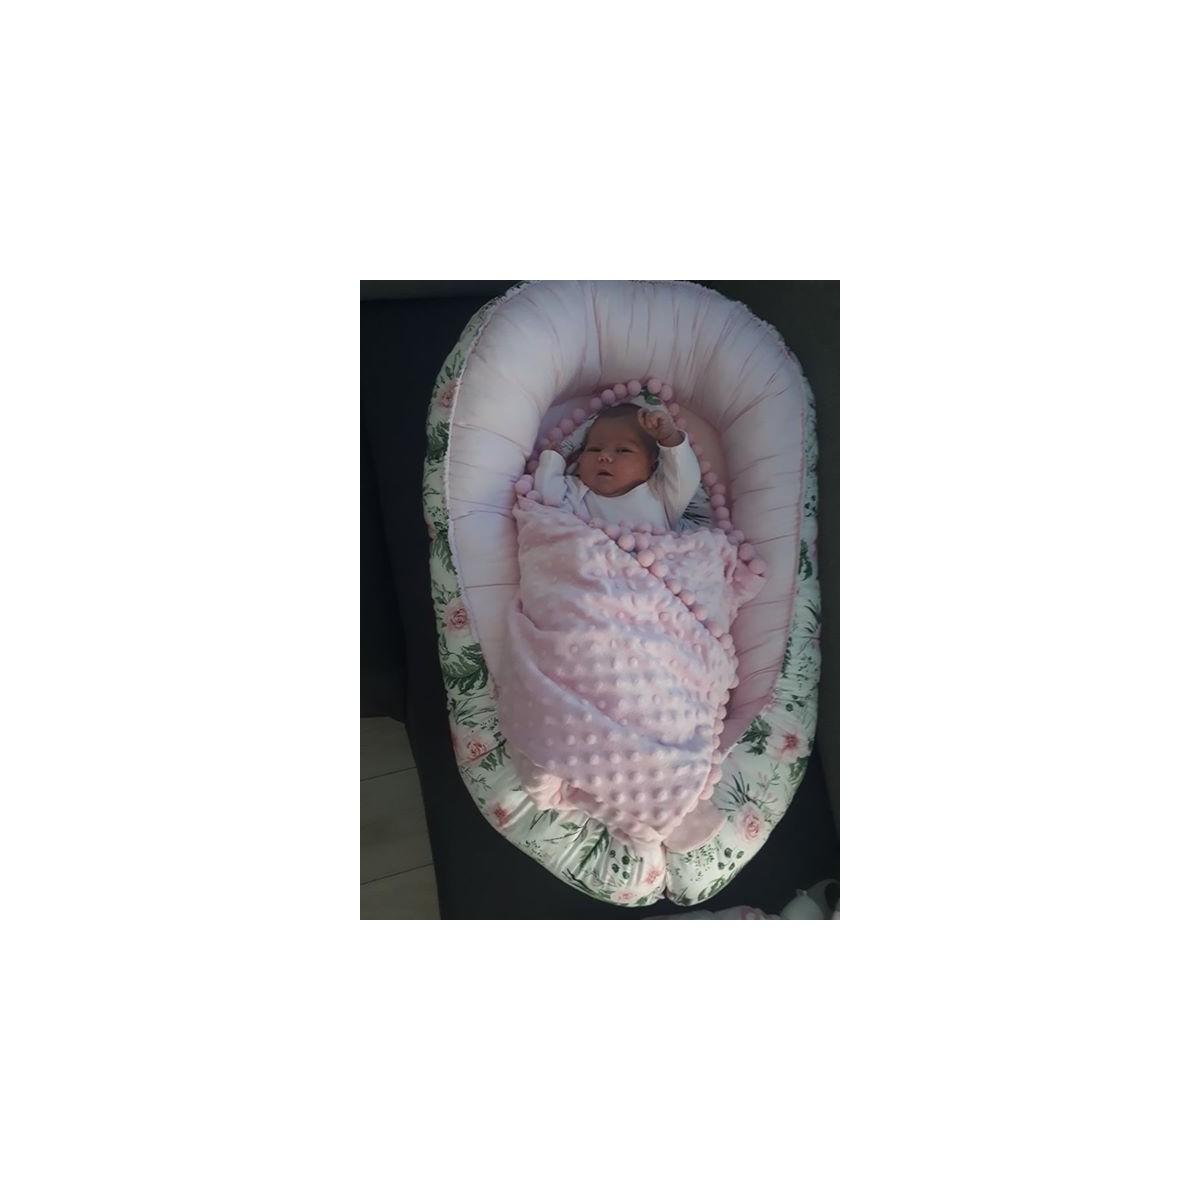 Rożek niemowlęcy inGarden